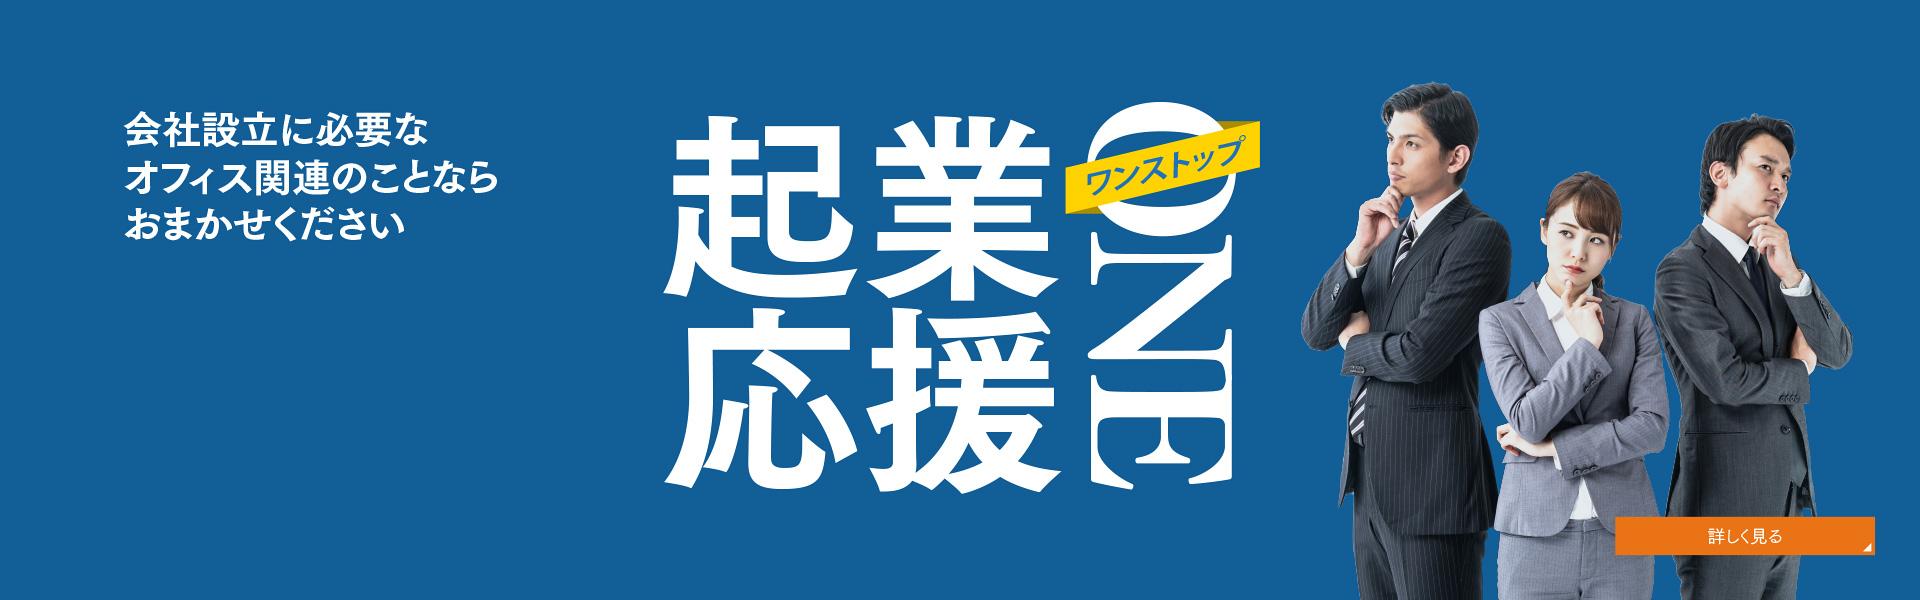 秋田で起業するなら、コネクトにおまかせ 起業応援ワンストップ